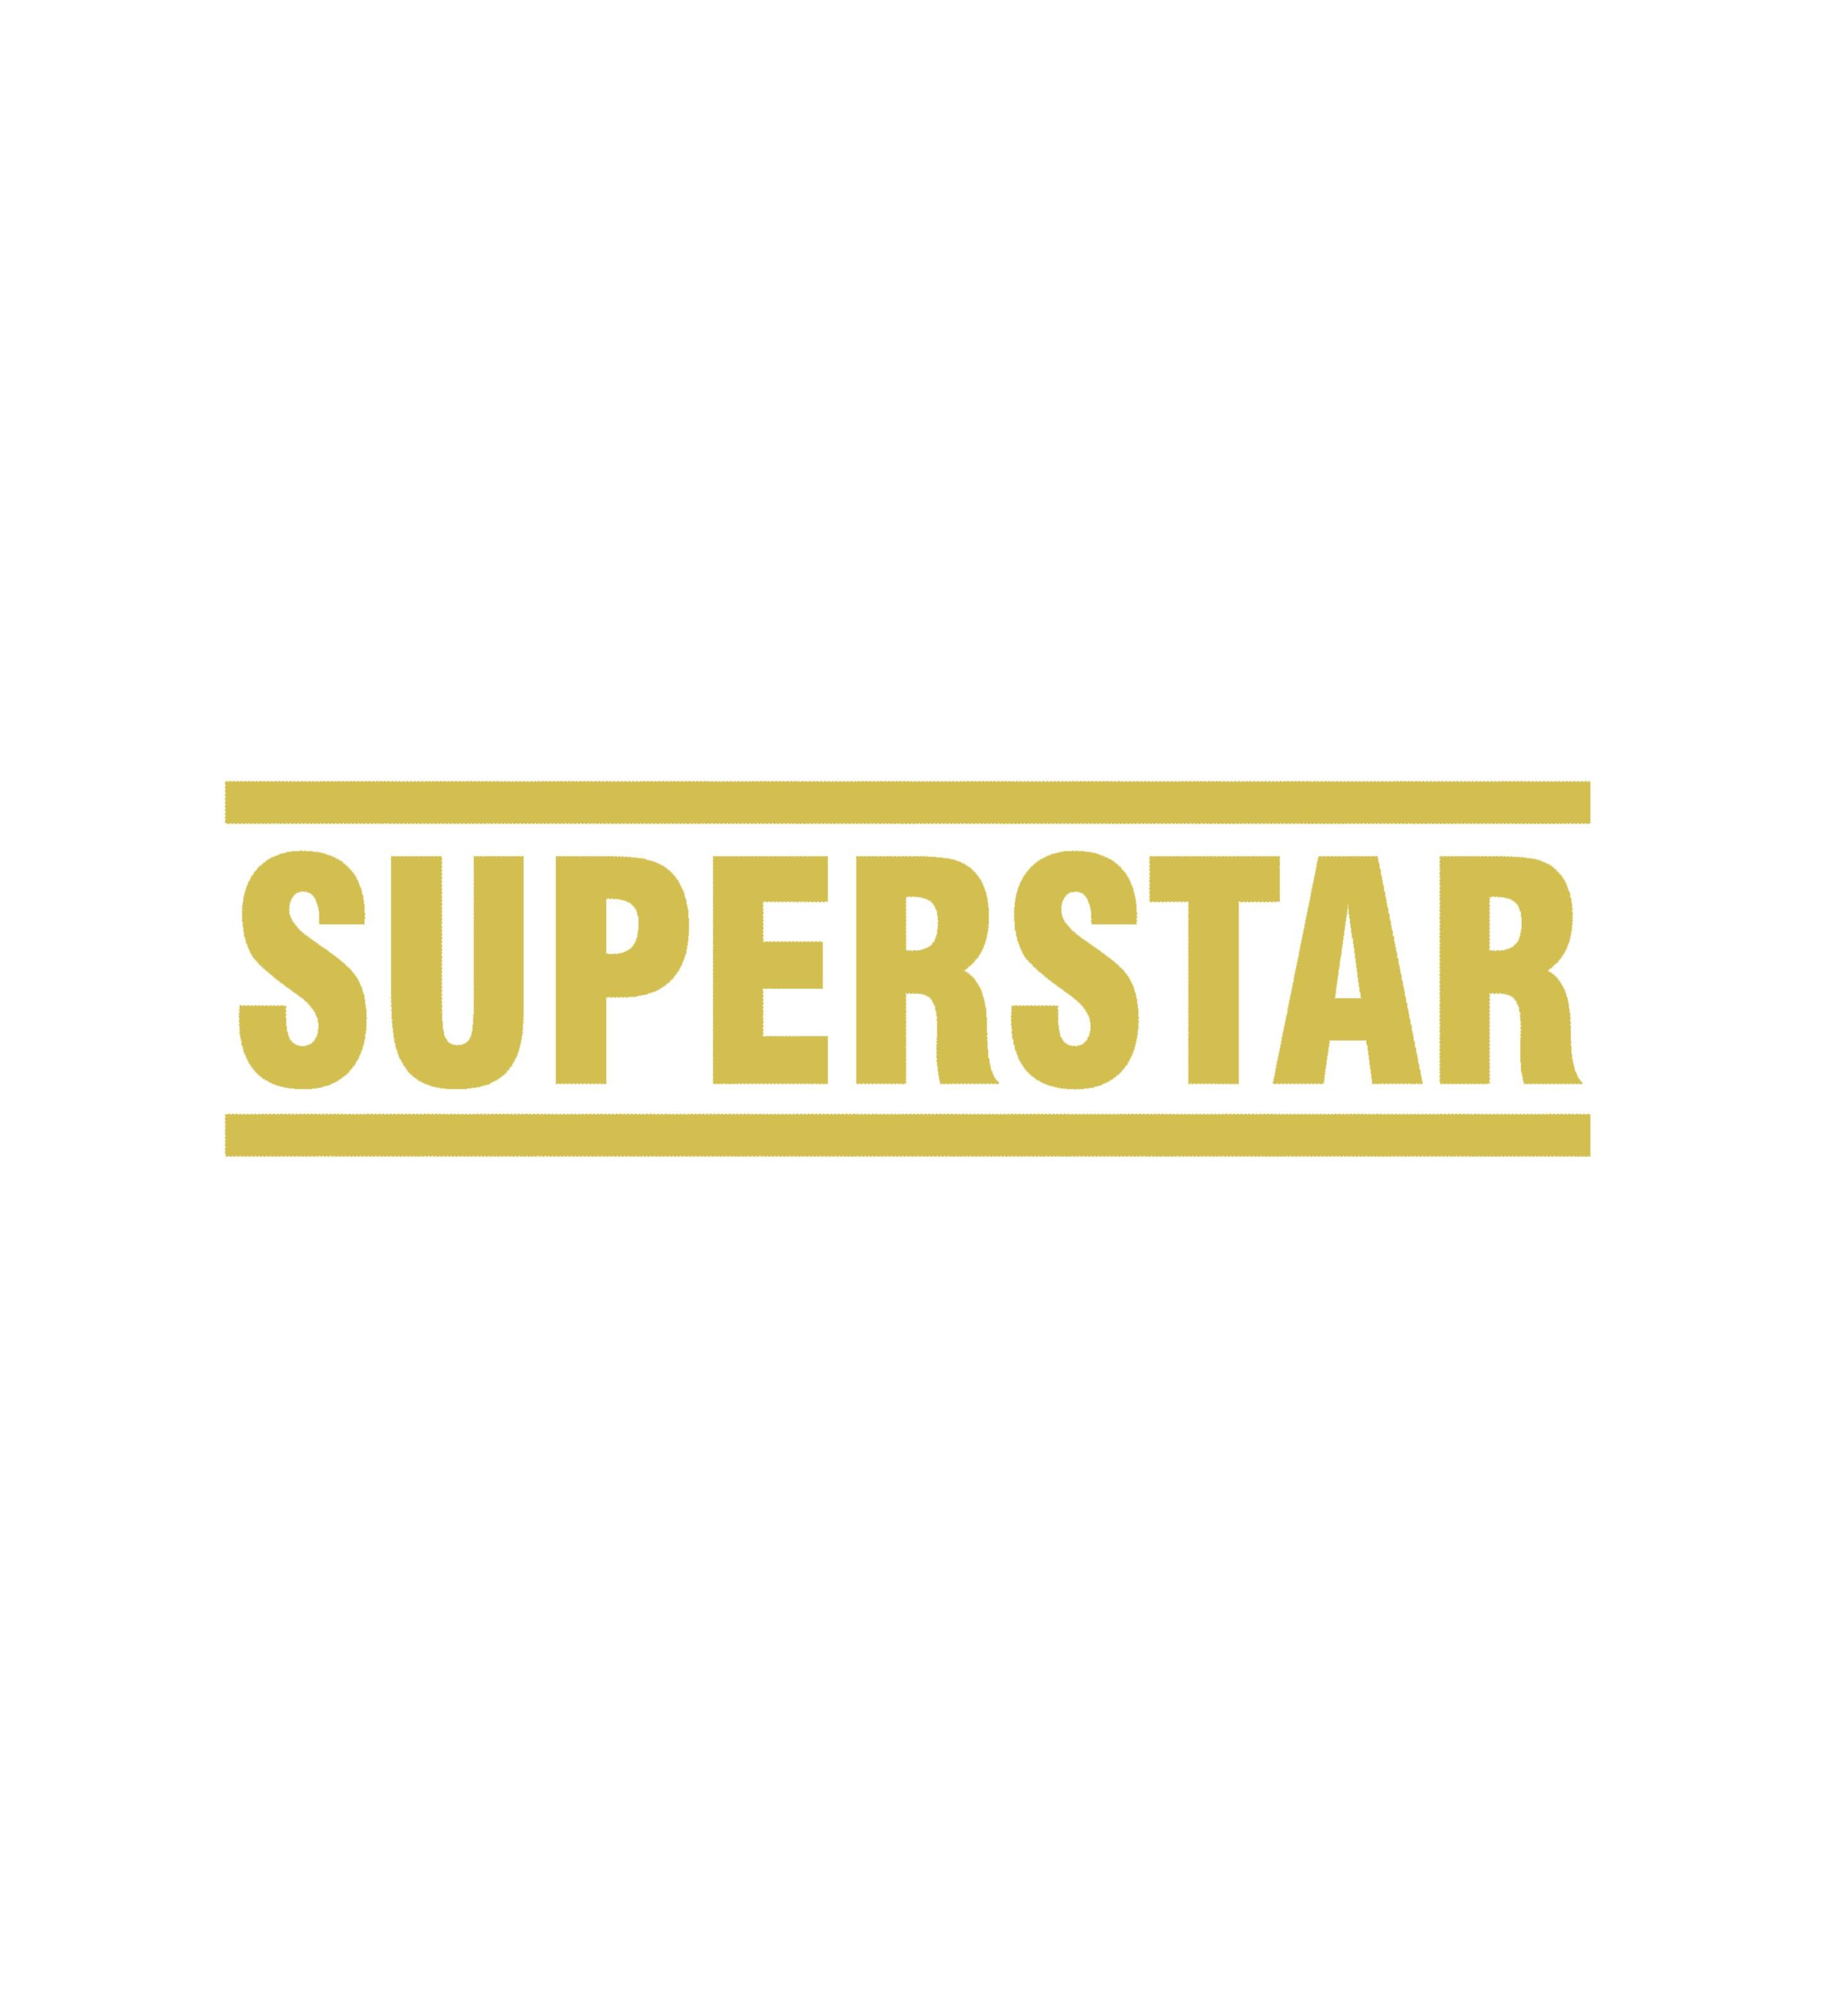 JSP T-SHIRT SUPERSTAR